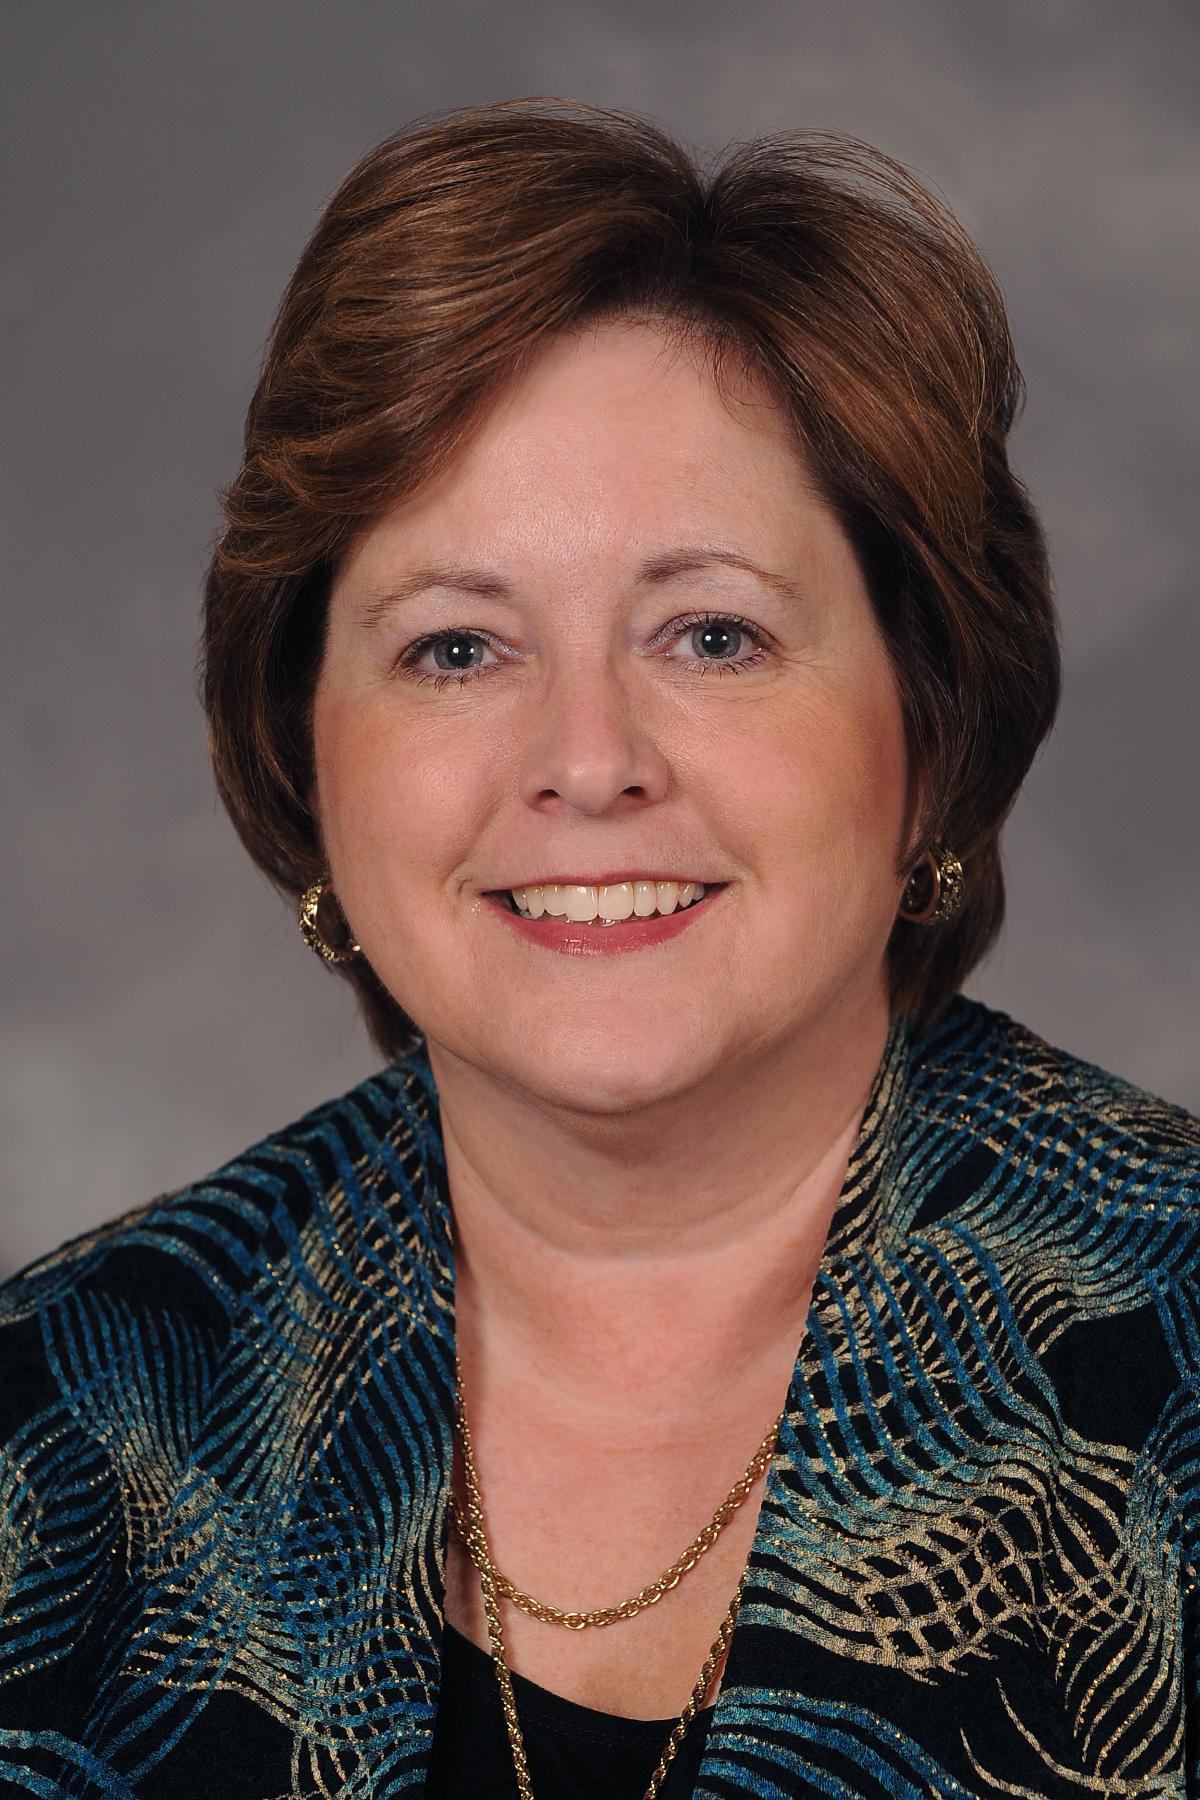 Sheila Pratt, Administrative Assistant